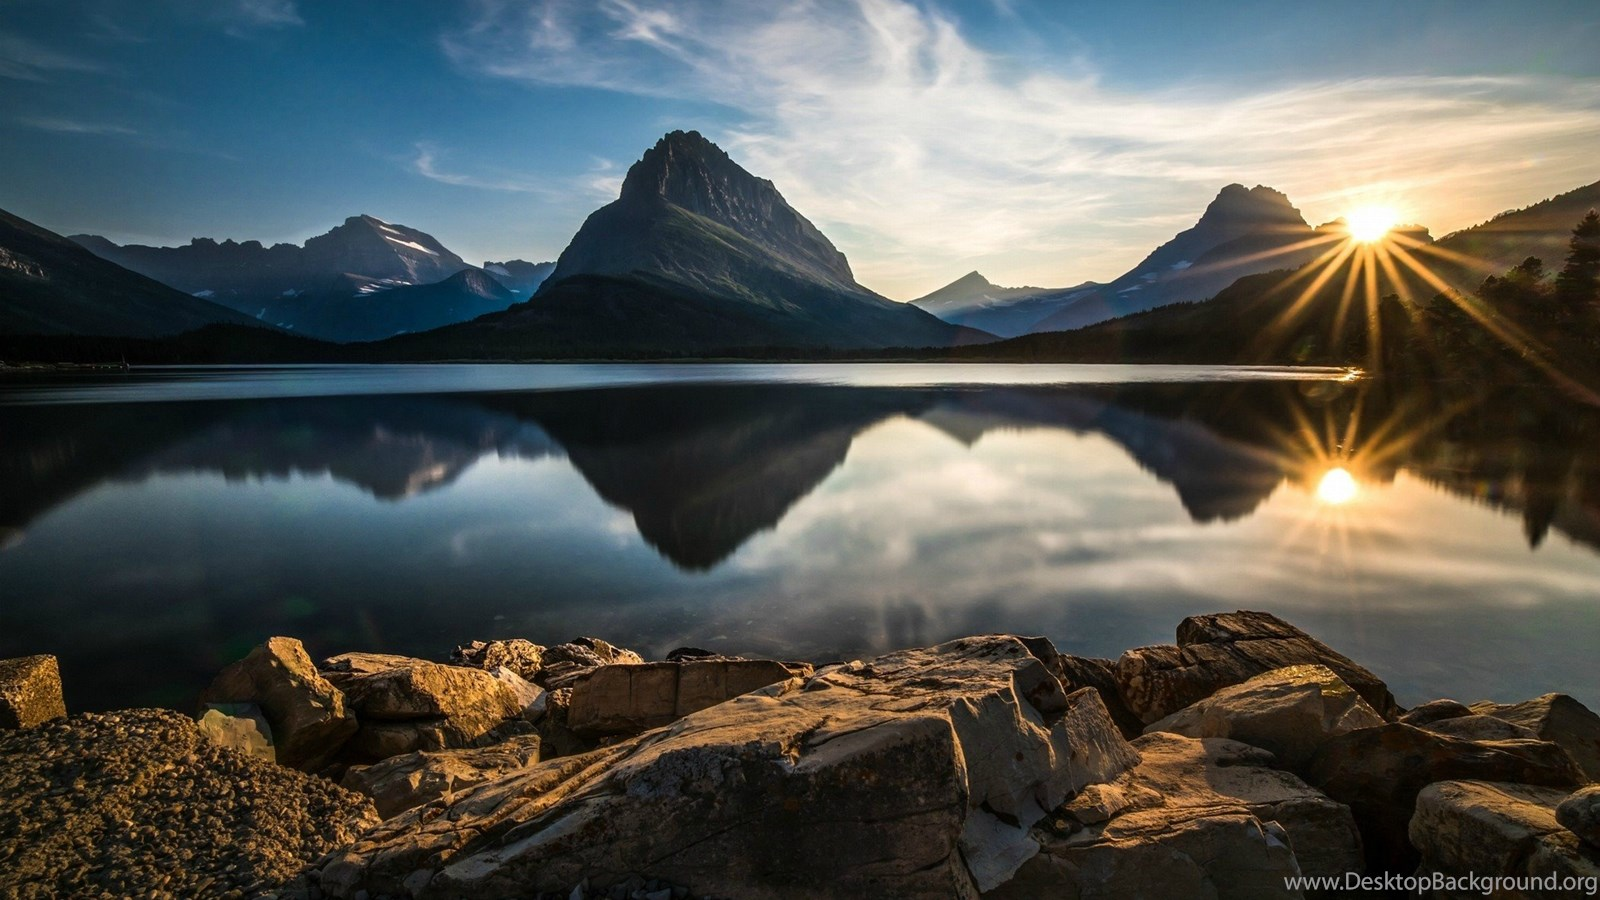 Glacier national park wallpapers desktop background - Glacier national park wallpaper ...